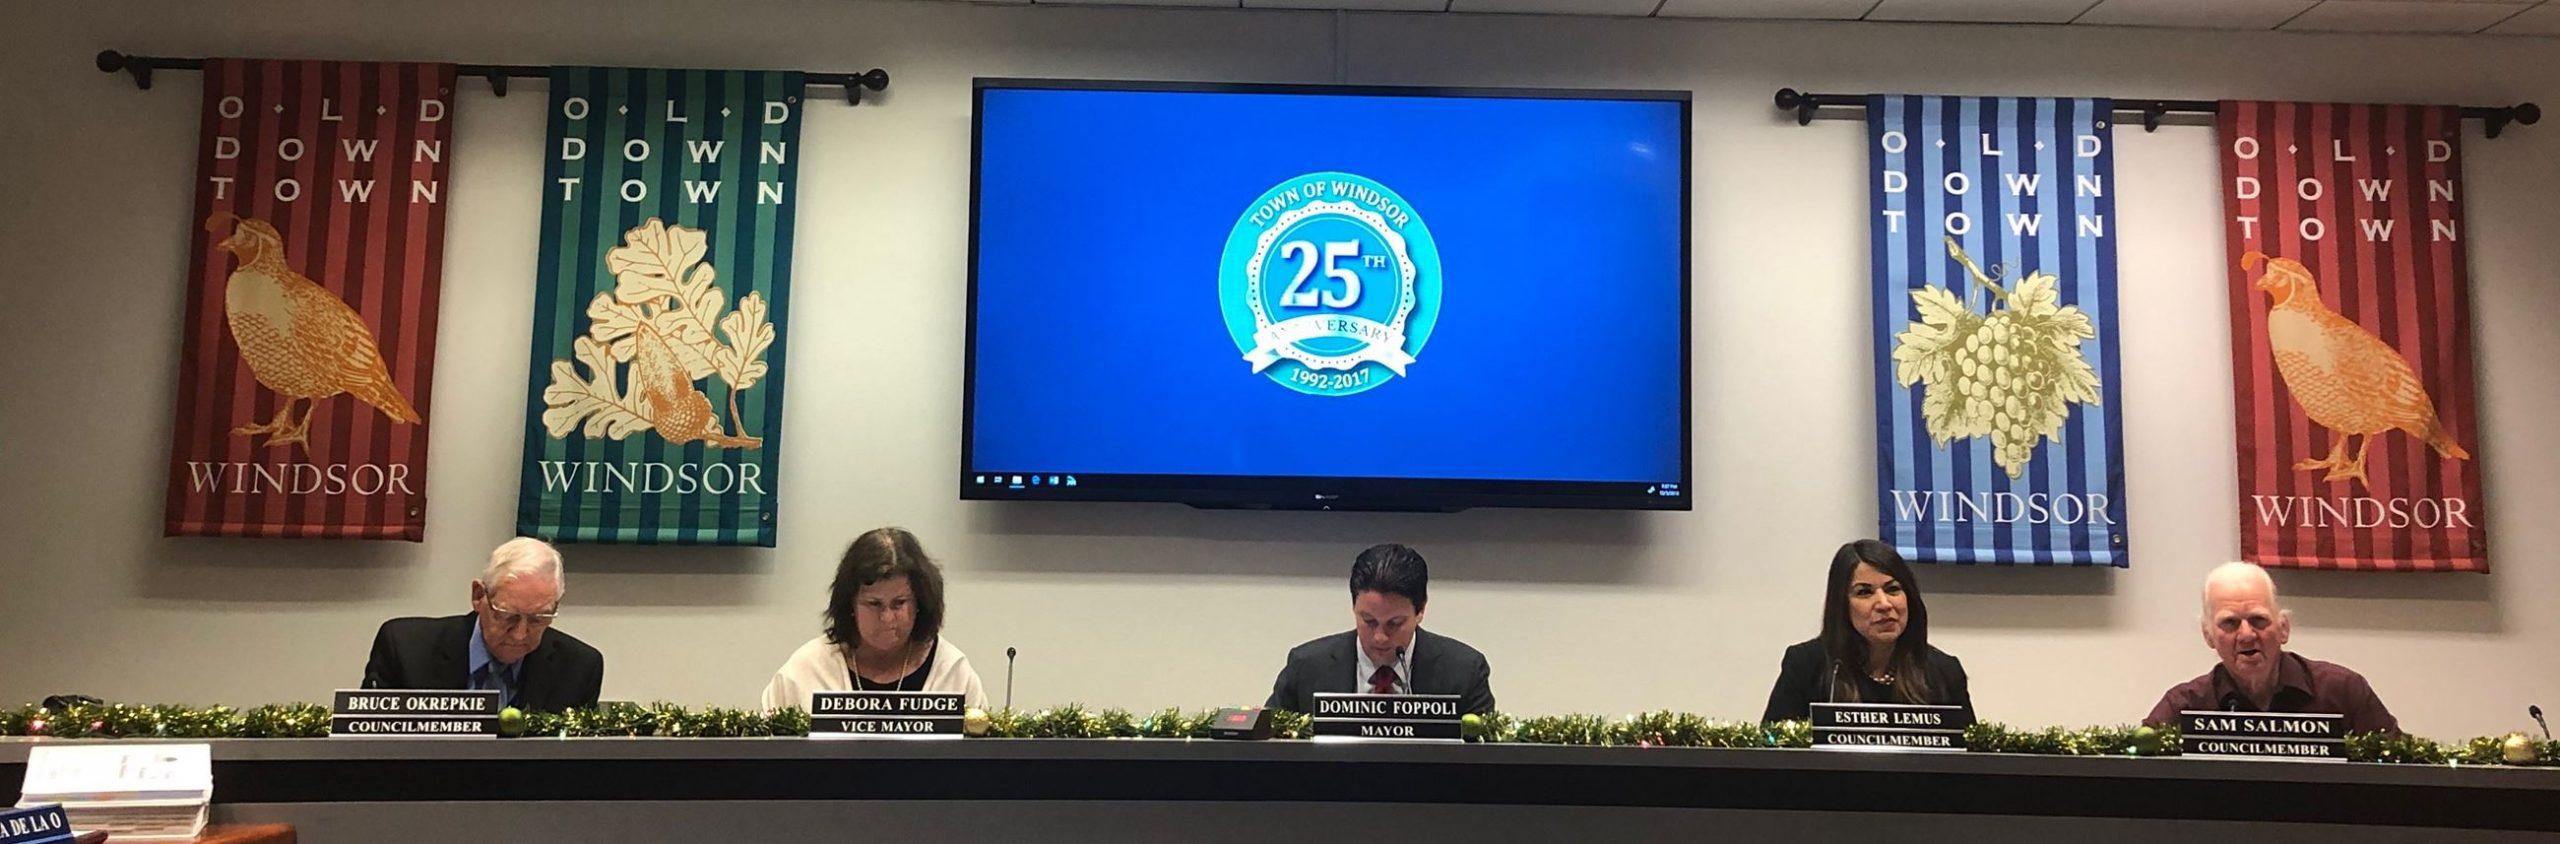 مجلس مدينة وندرسور قرر بالإجماع إلغاء حظر توصيل الغاز للمنازل الجديد